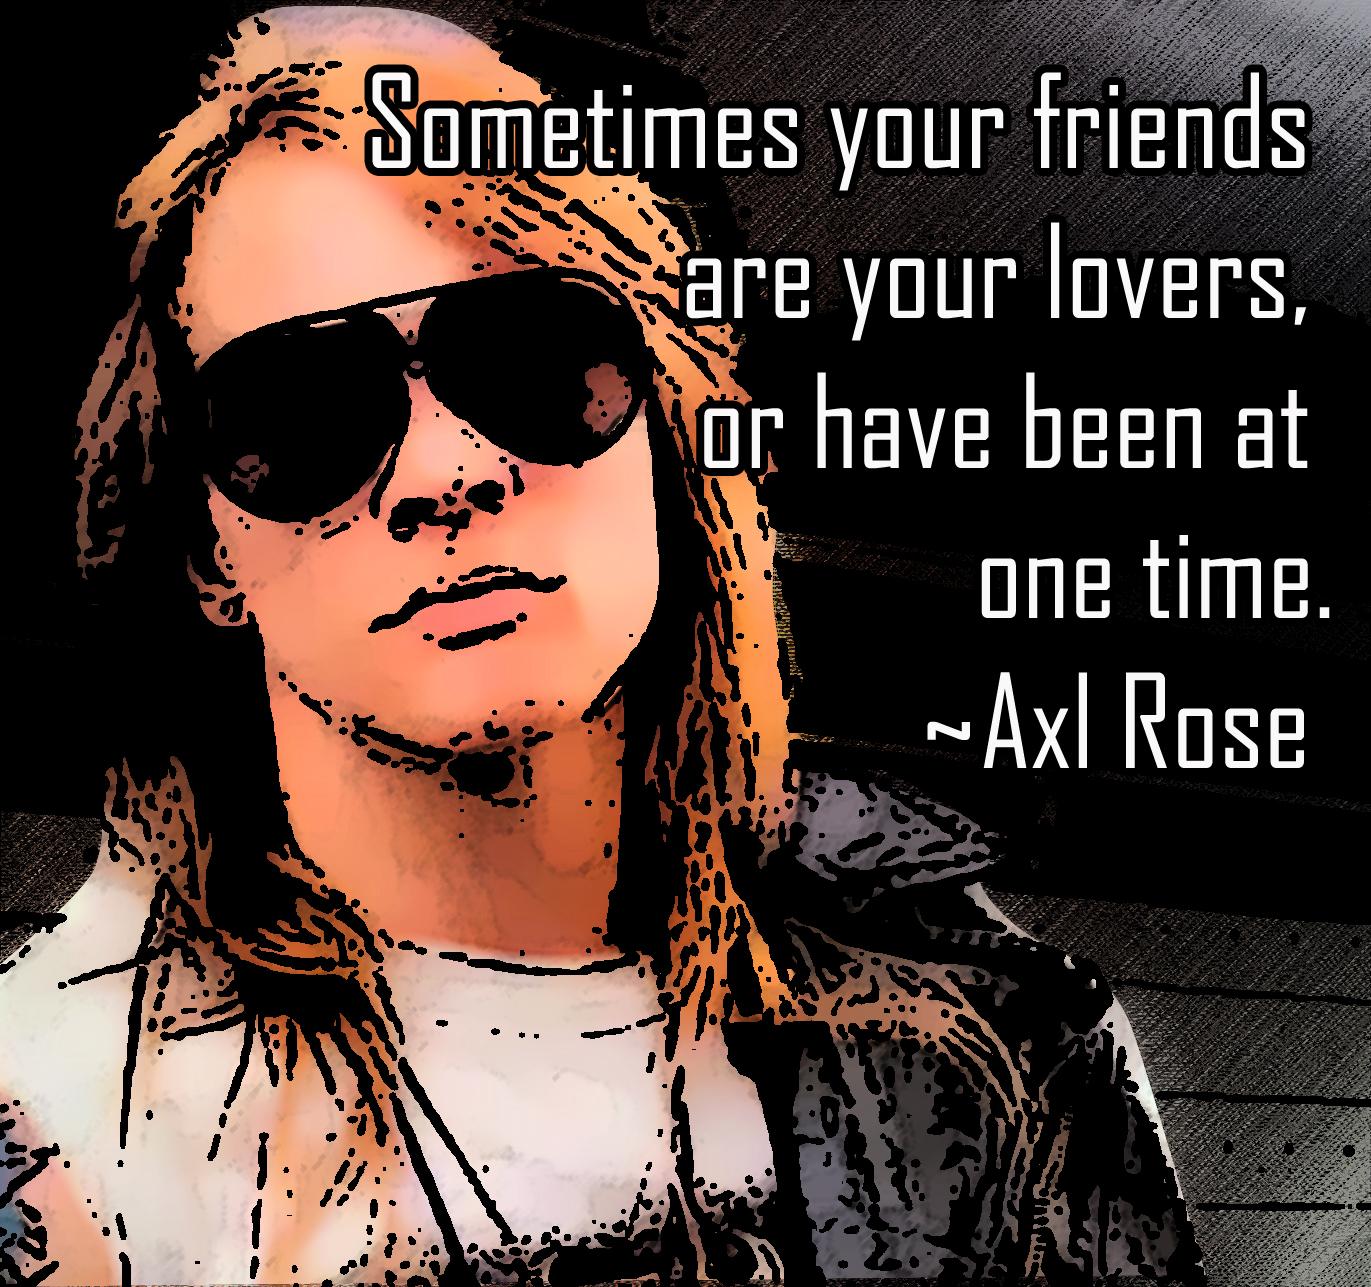 Dre quote #1